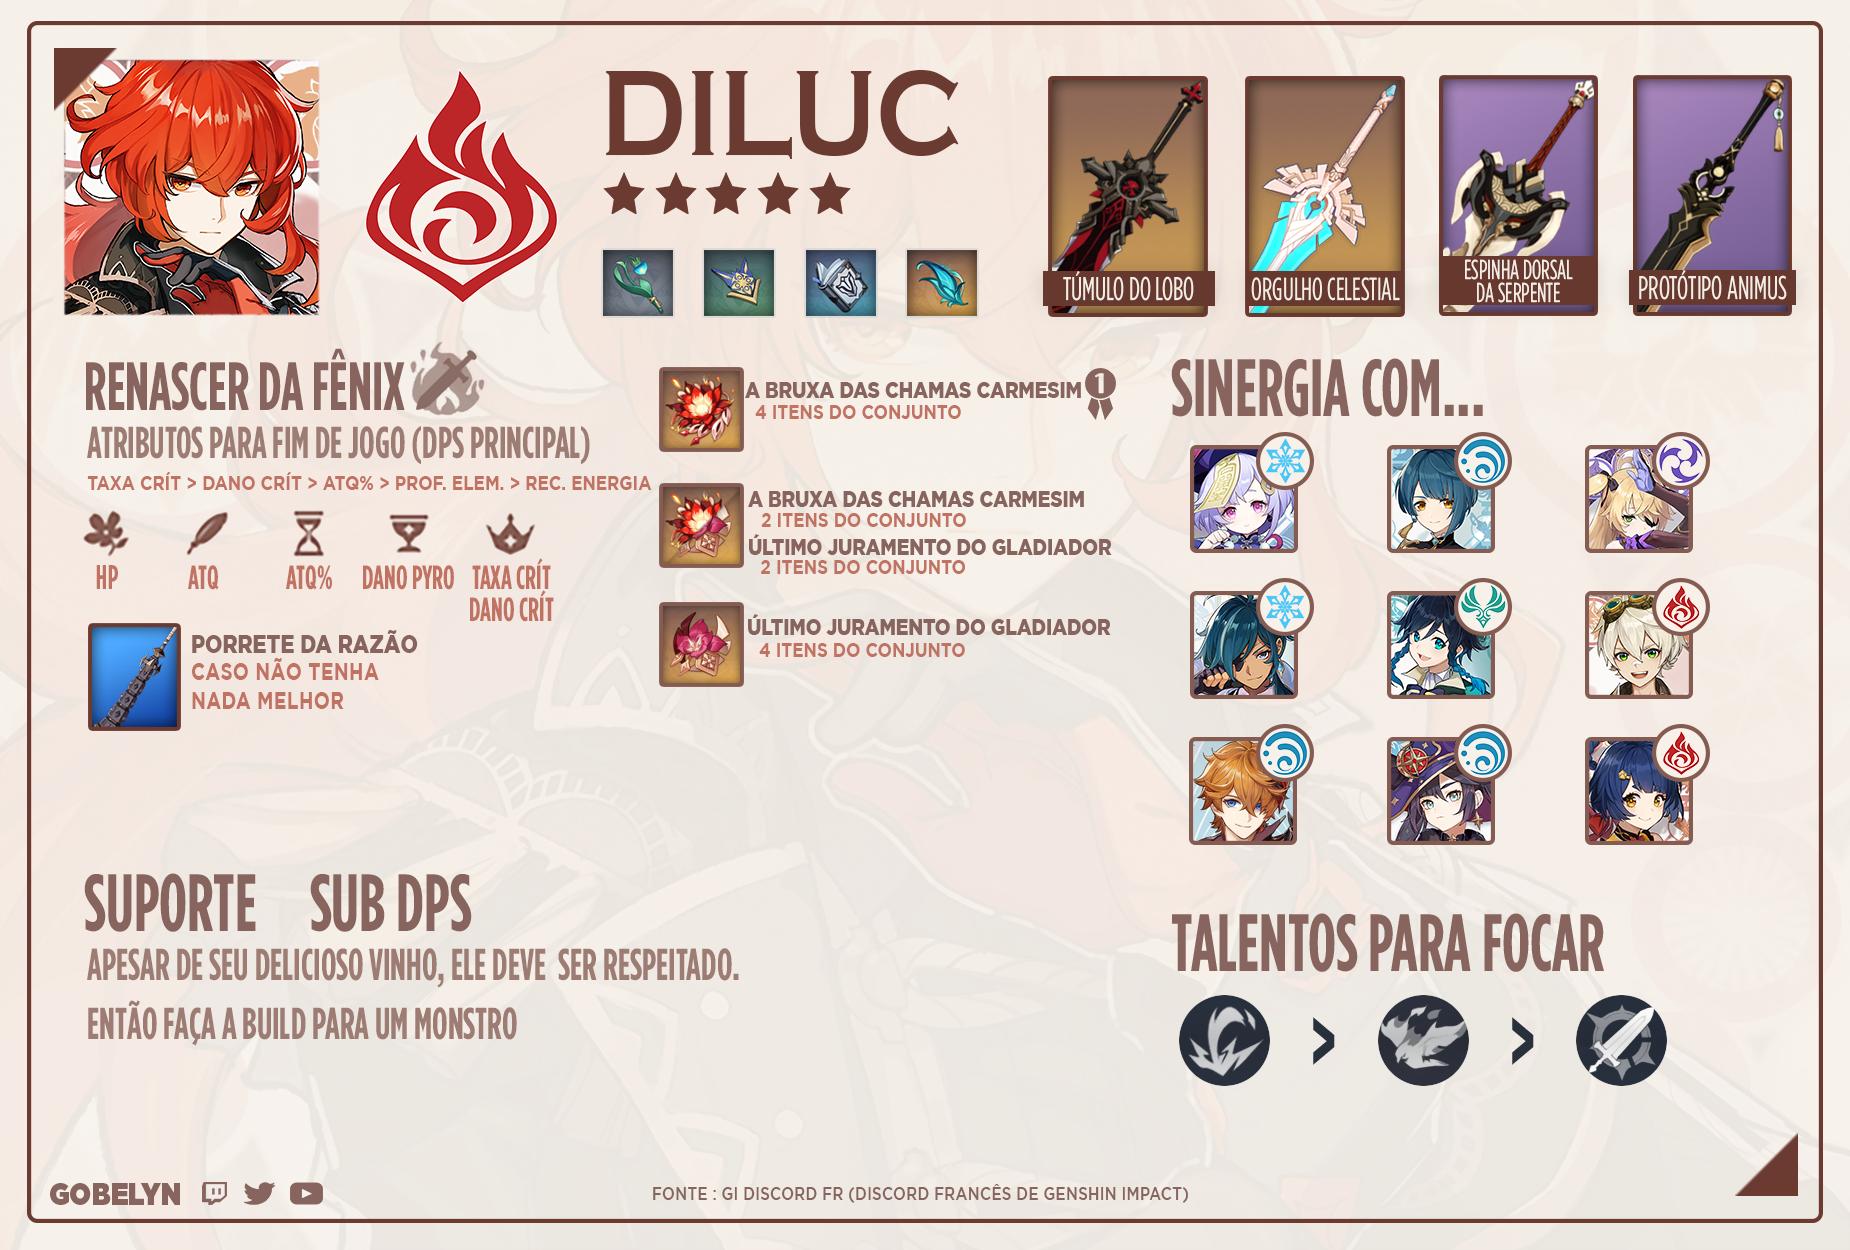 Build Diluc recomendada para abismos 9 e 10